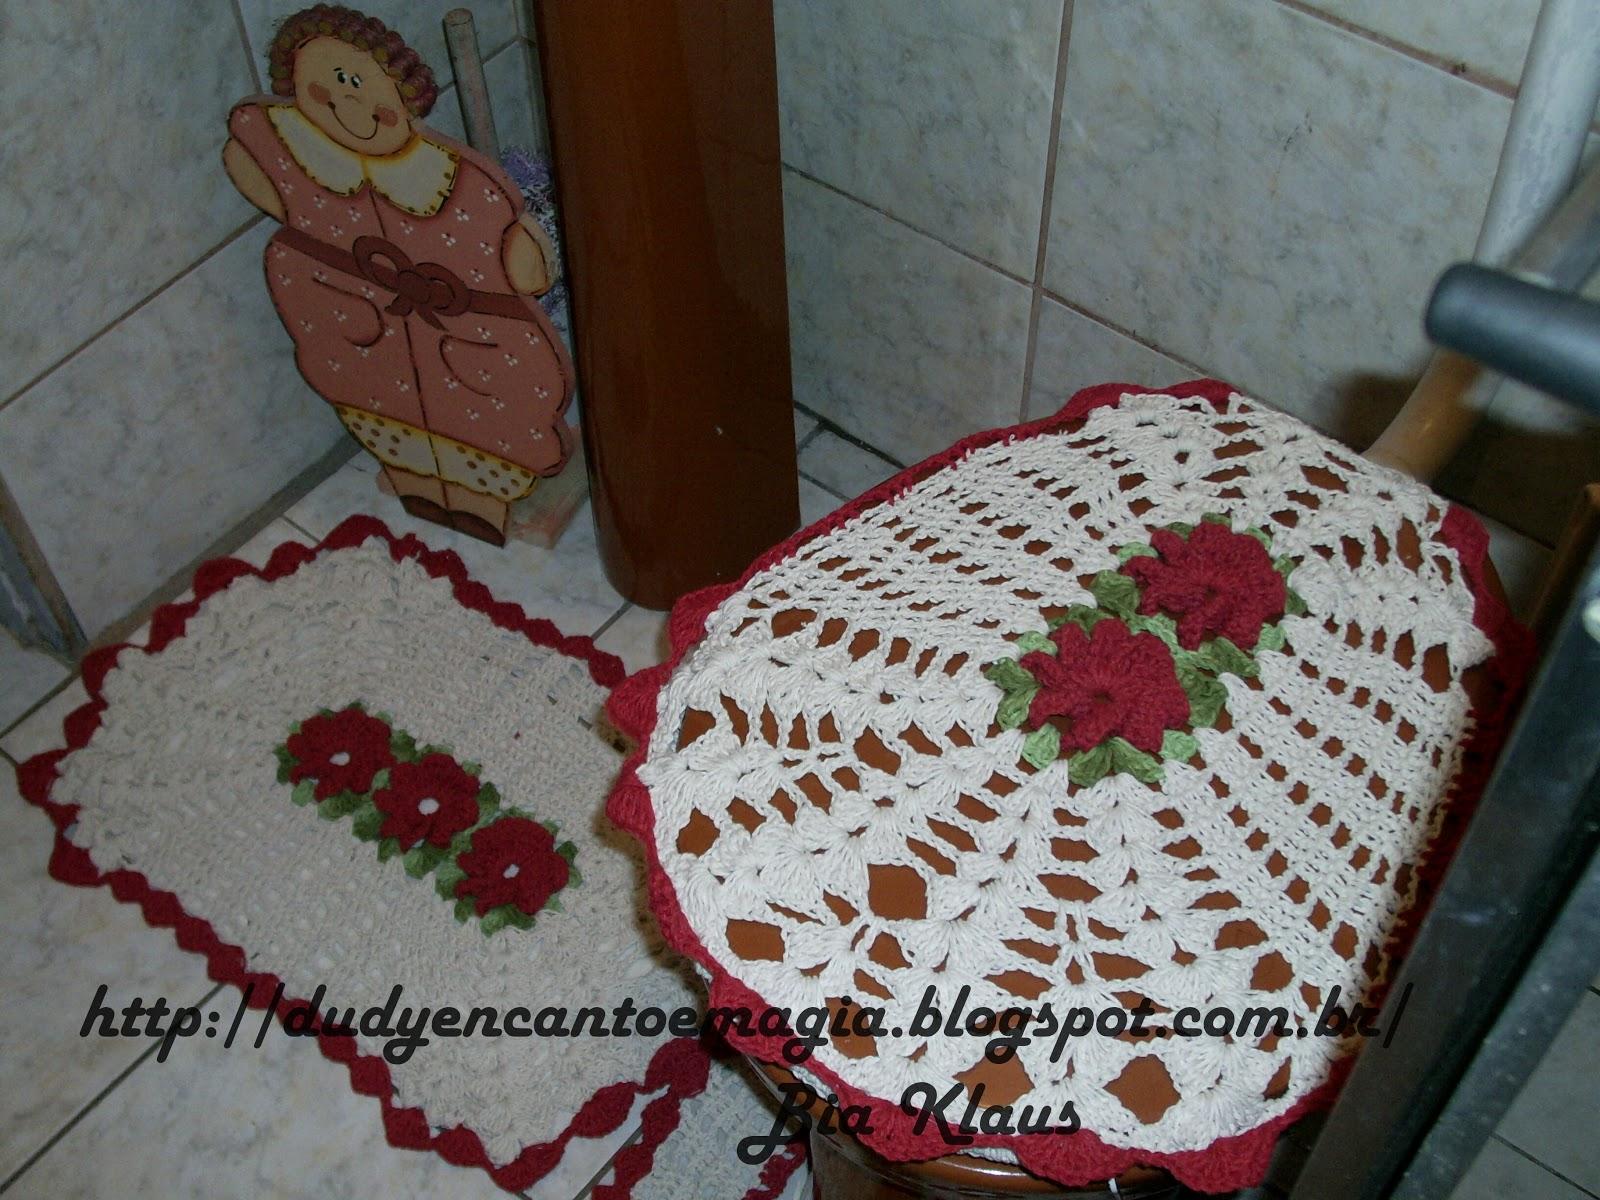 #66322D Dudy encanto e magia: jogo de tapetes para banheiro crochê 1600x1200 px tapete para banheiro em l